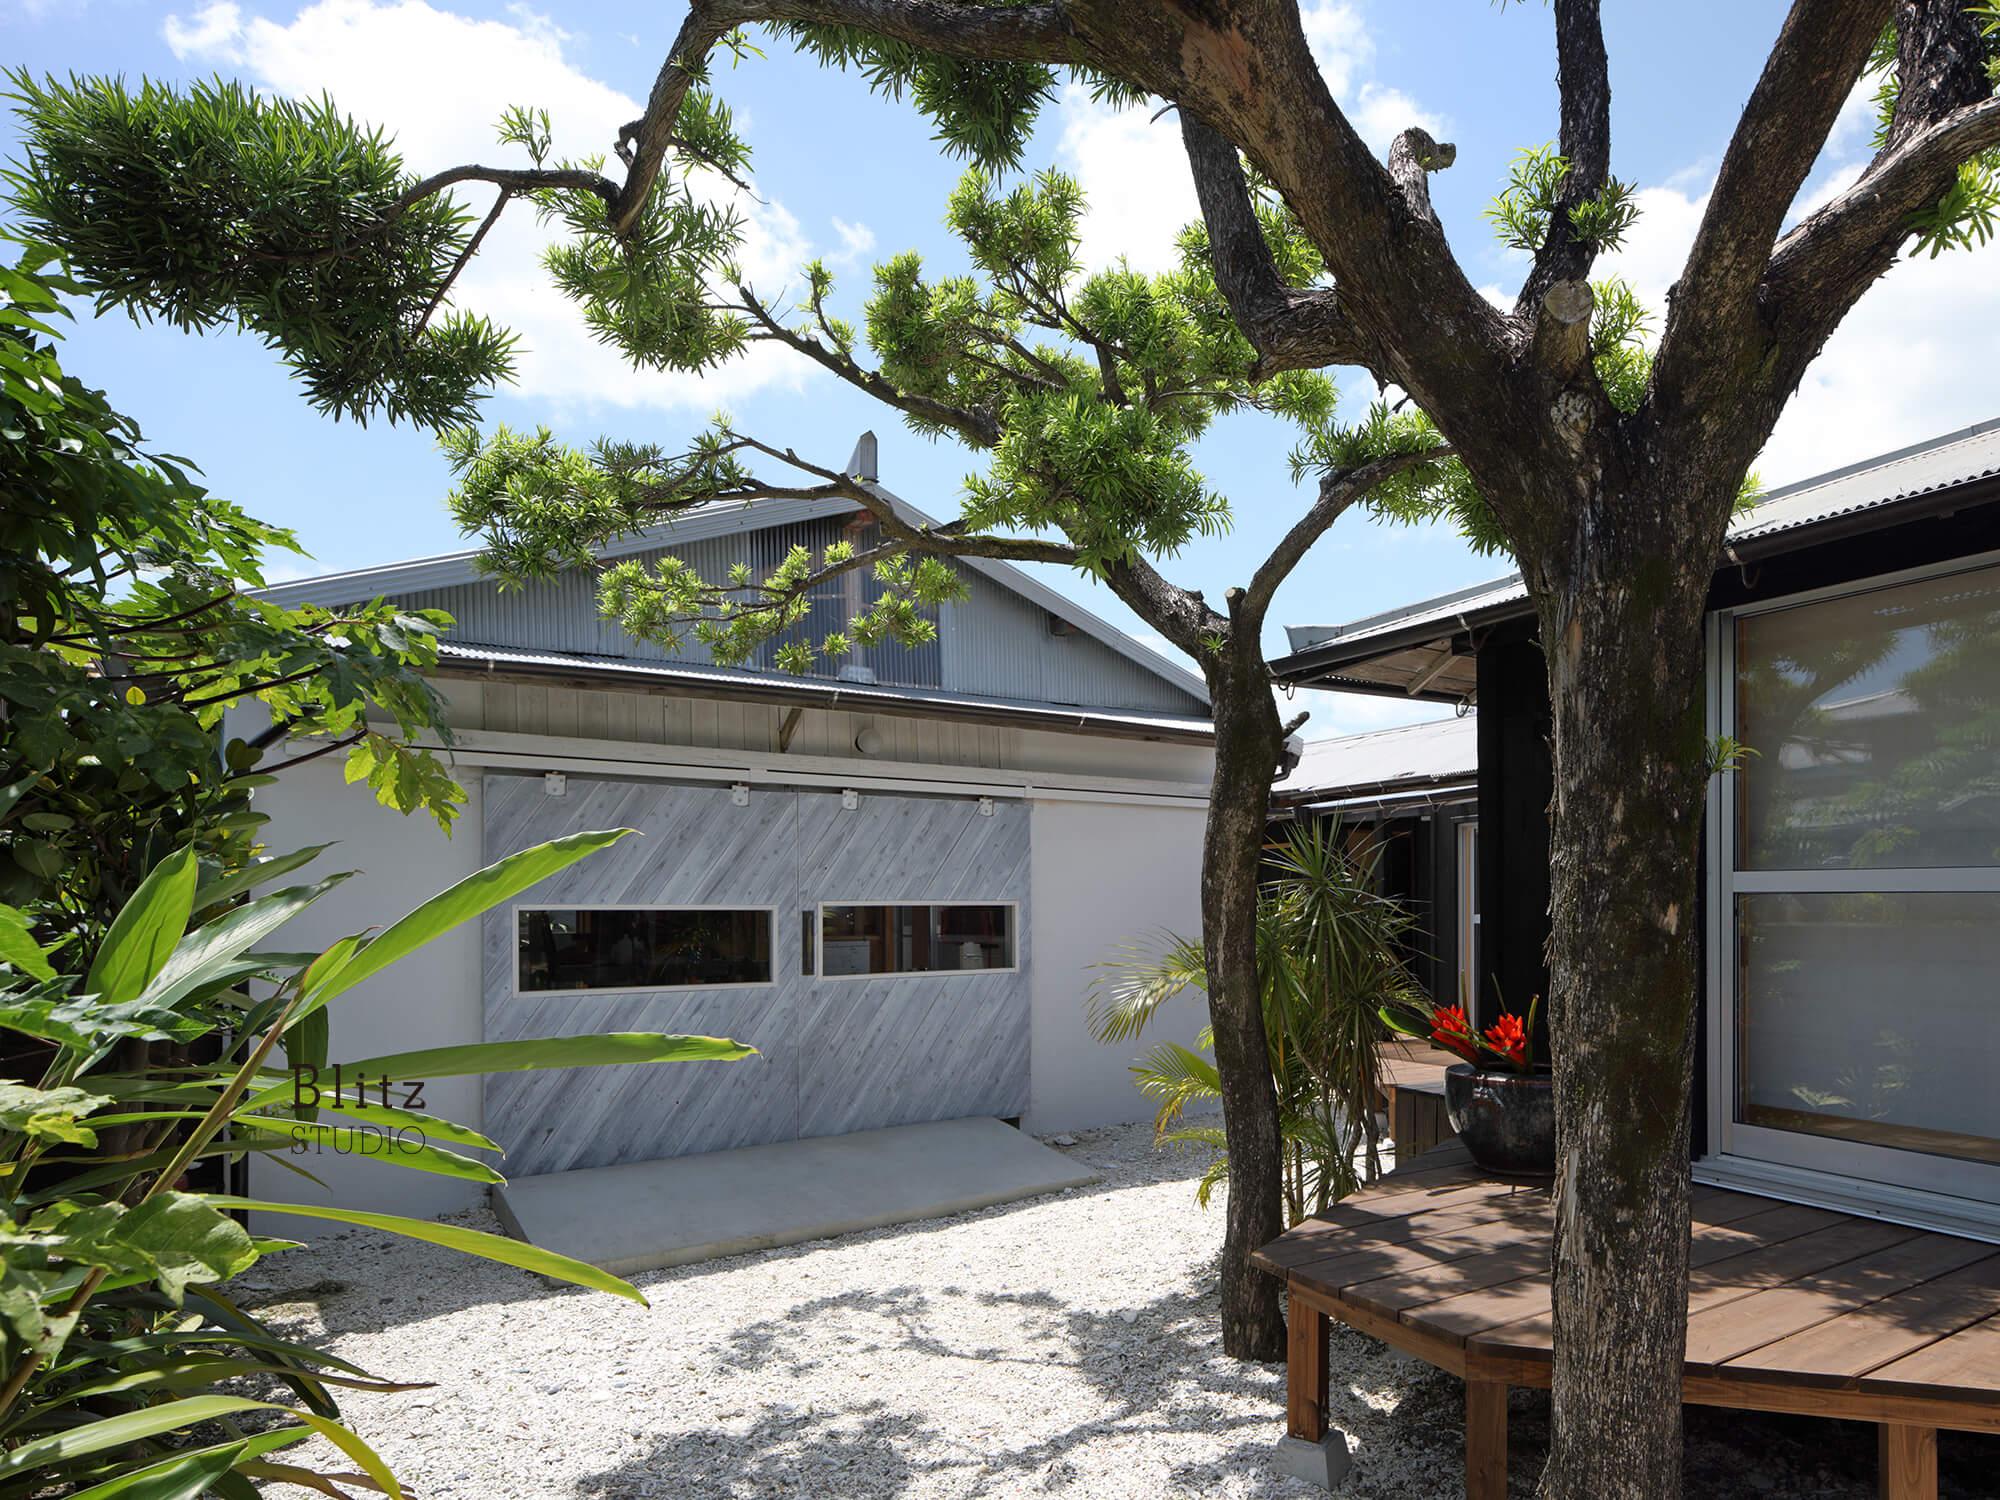 『檸檬草 リノベーション』-鹿児島県奄美市笠利町-建築写真・竣工写真・インテリア写真3